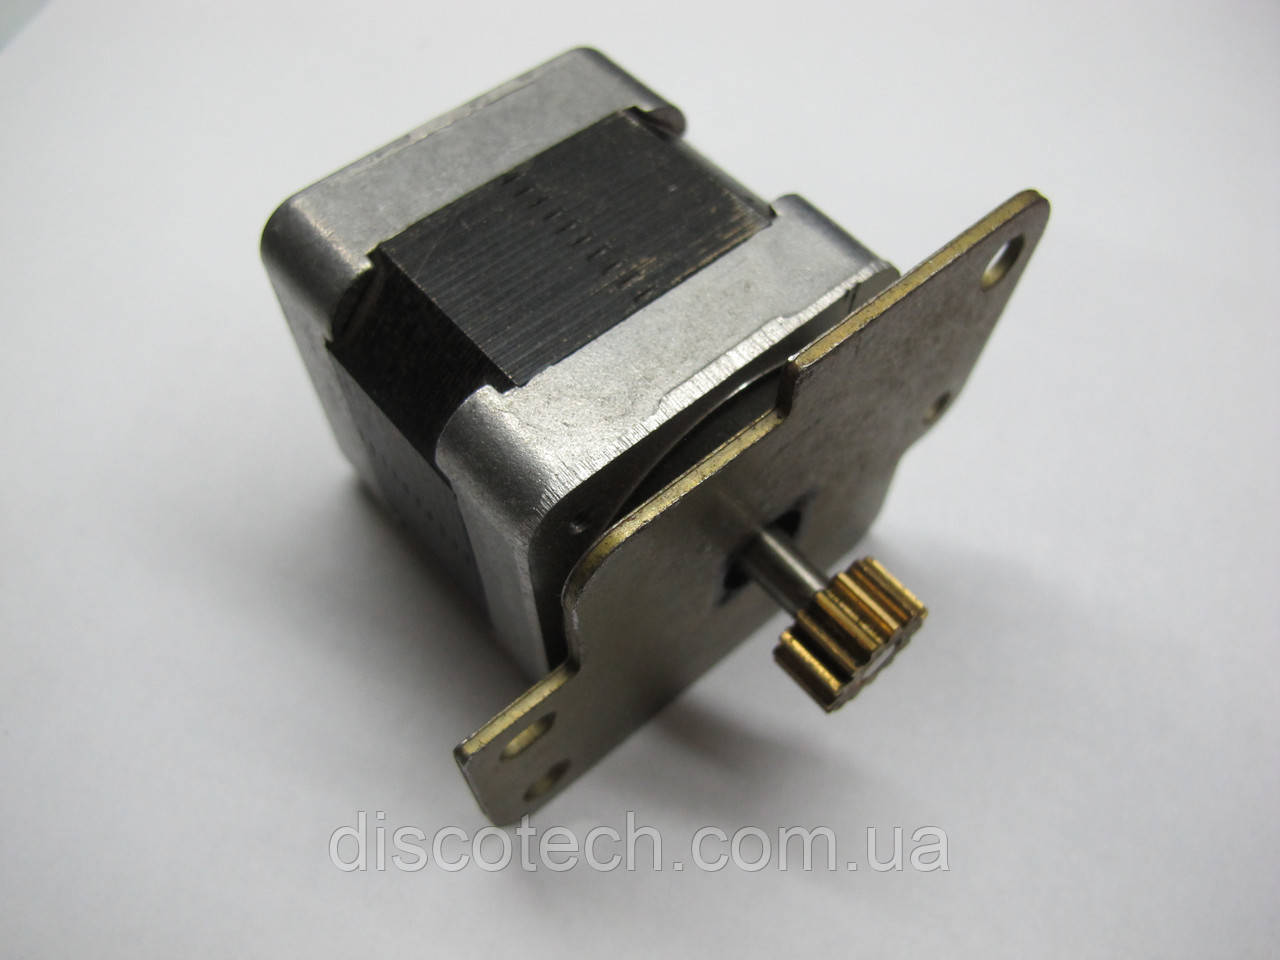 Кроковий двигун уп 1,8 ф5,0/ 1,3 Ом 17PM-K103-G6V